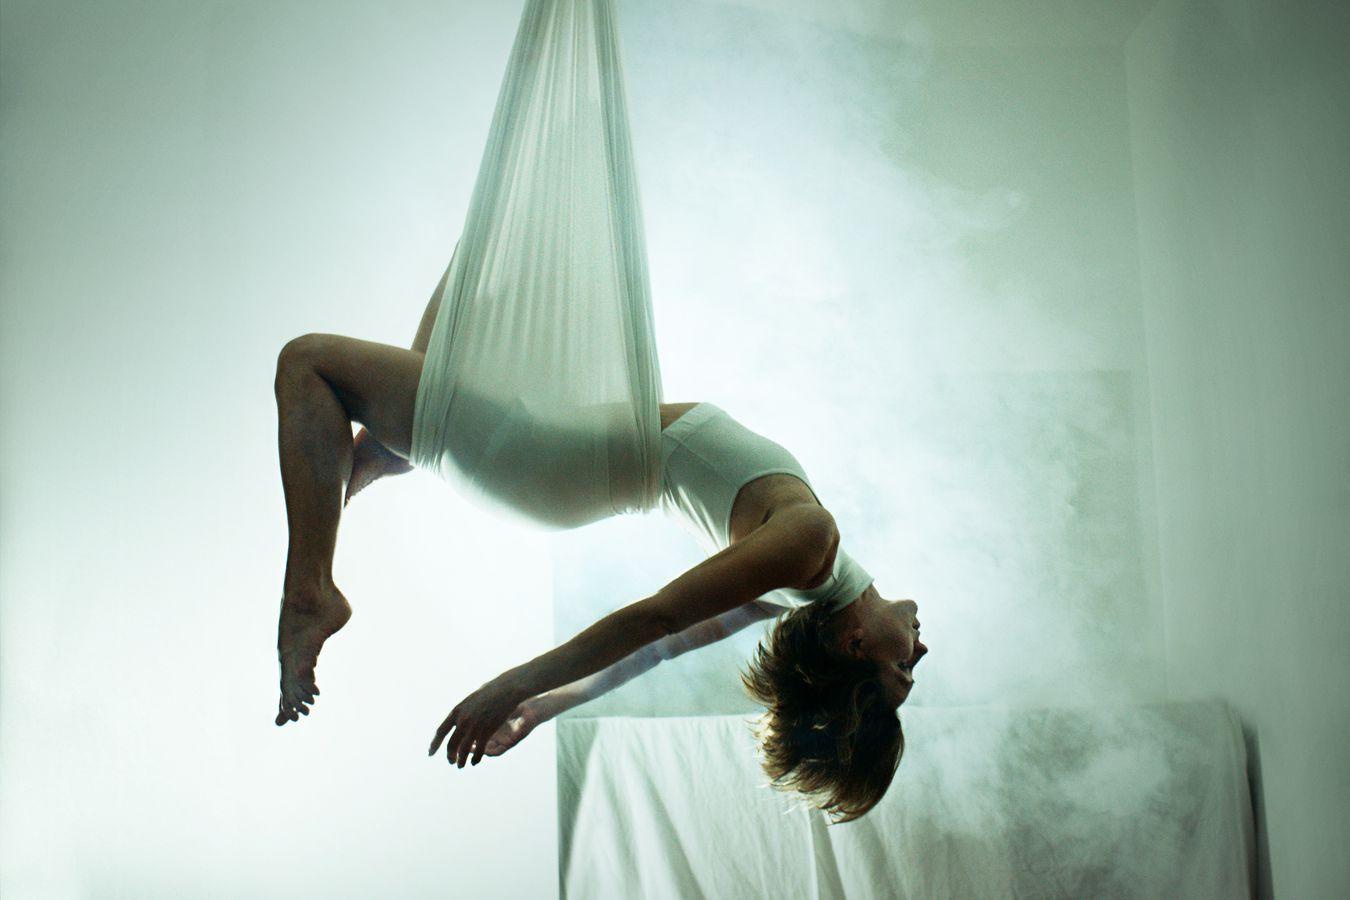 Sydney Martinie se relaxe dans un berceau aérien. Elle pratique le yoga aérien, chez elle, à la Guillotière dans une ambiance onirique générée par ma machine à fumée.